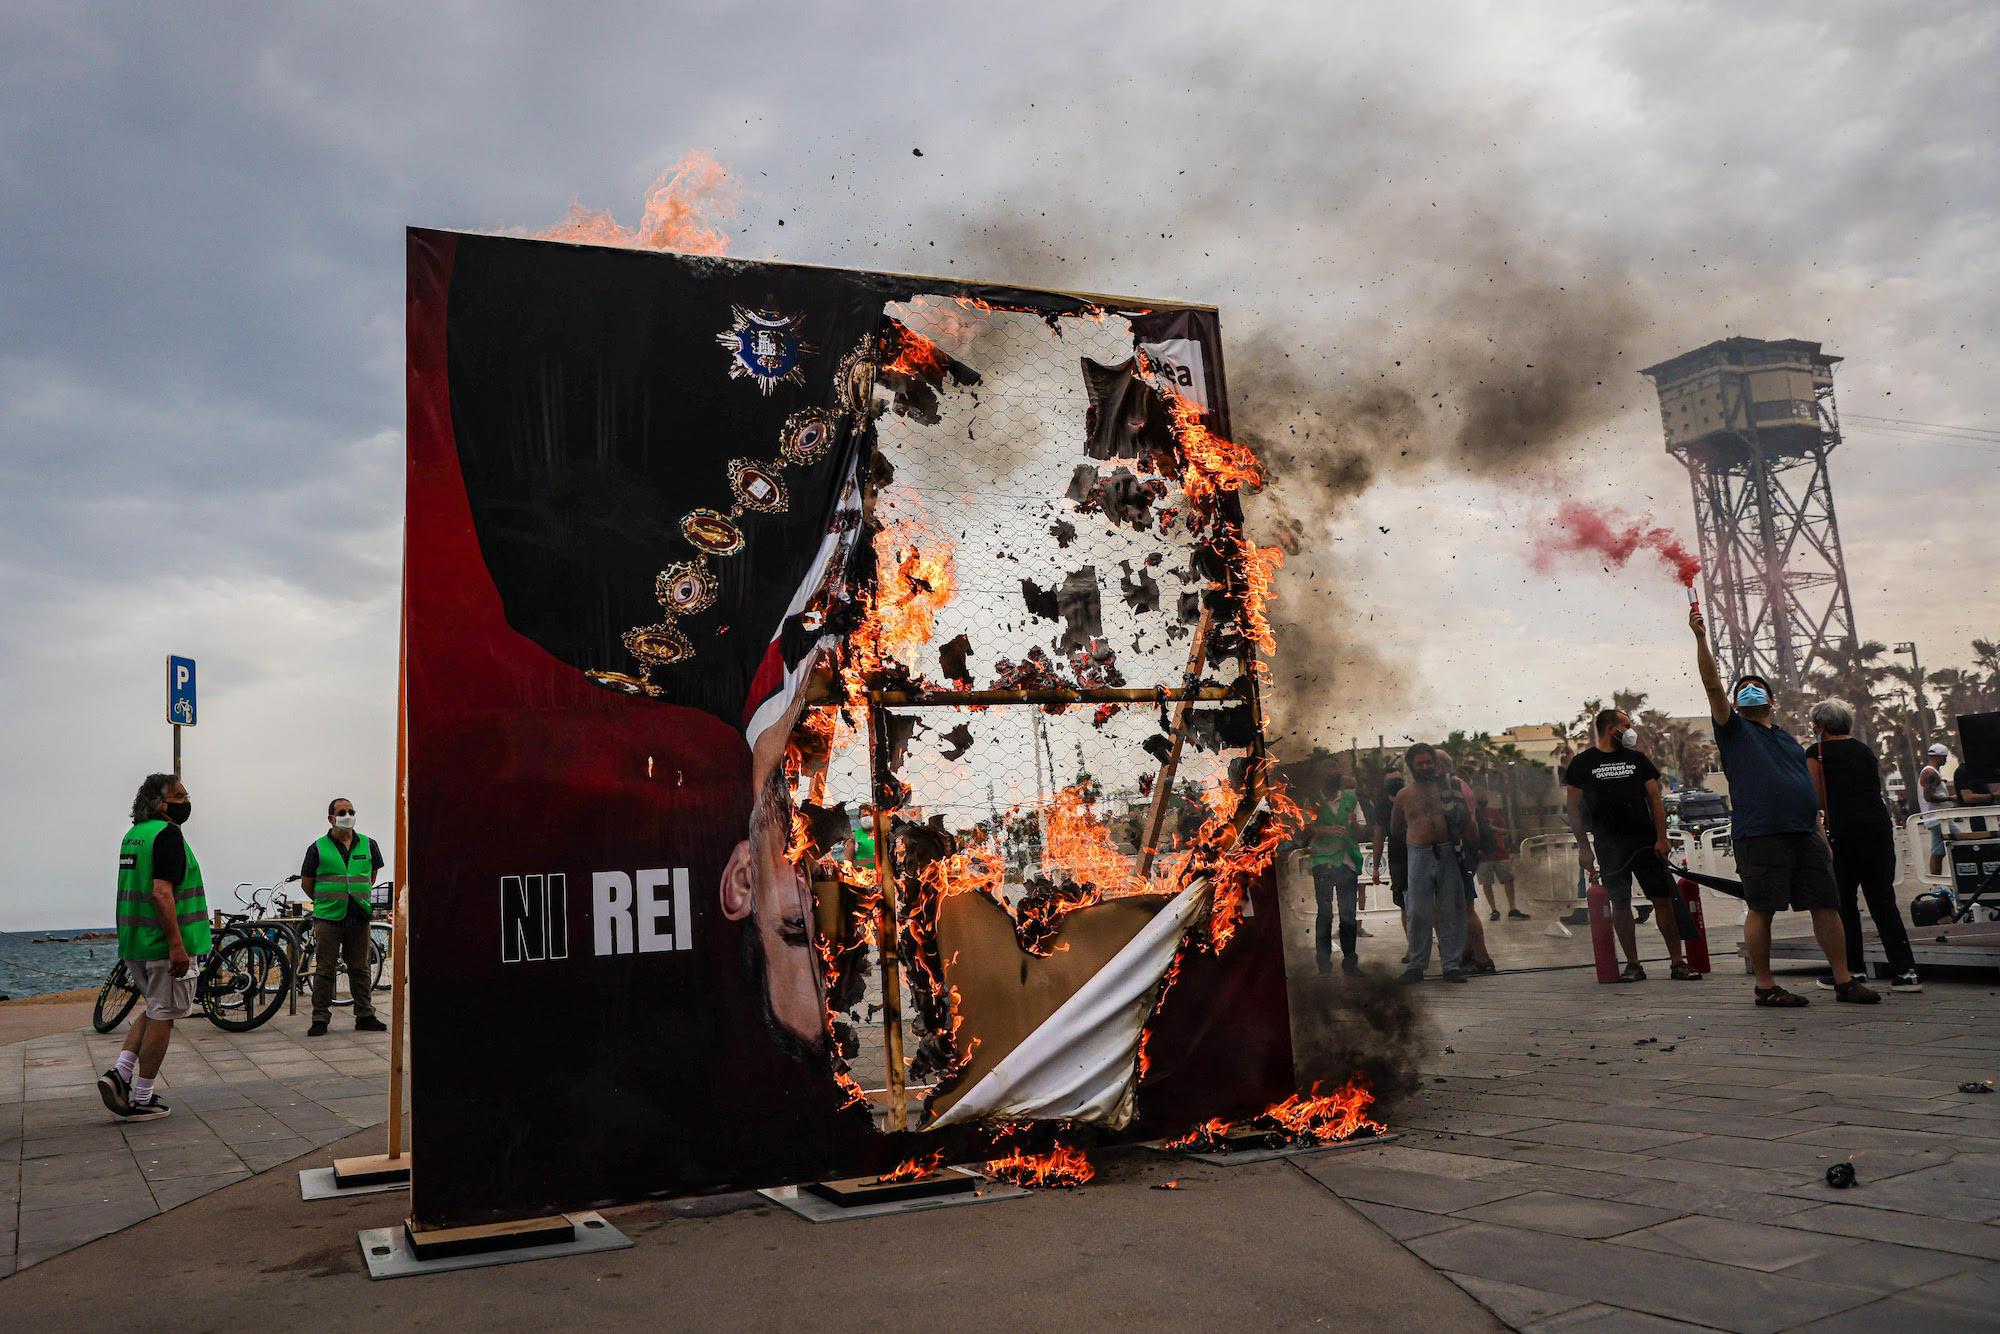 Crema d'una imatge gegant de Felip VI a prop de l'hotel on es fa el sopar del Cercle d'Economia / Jordi Borràs